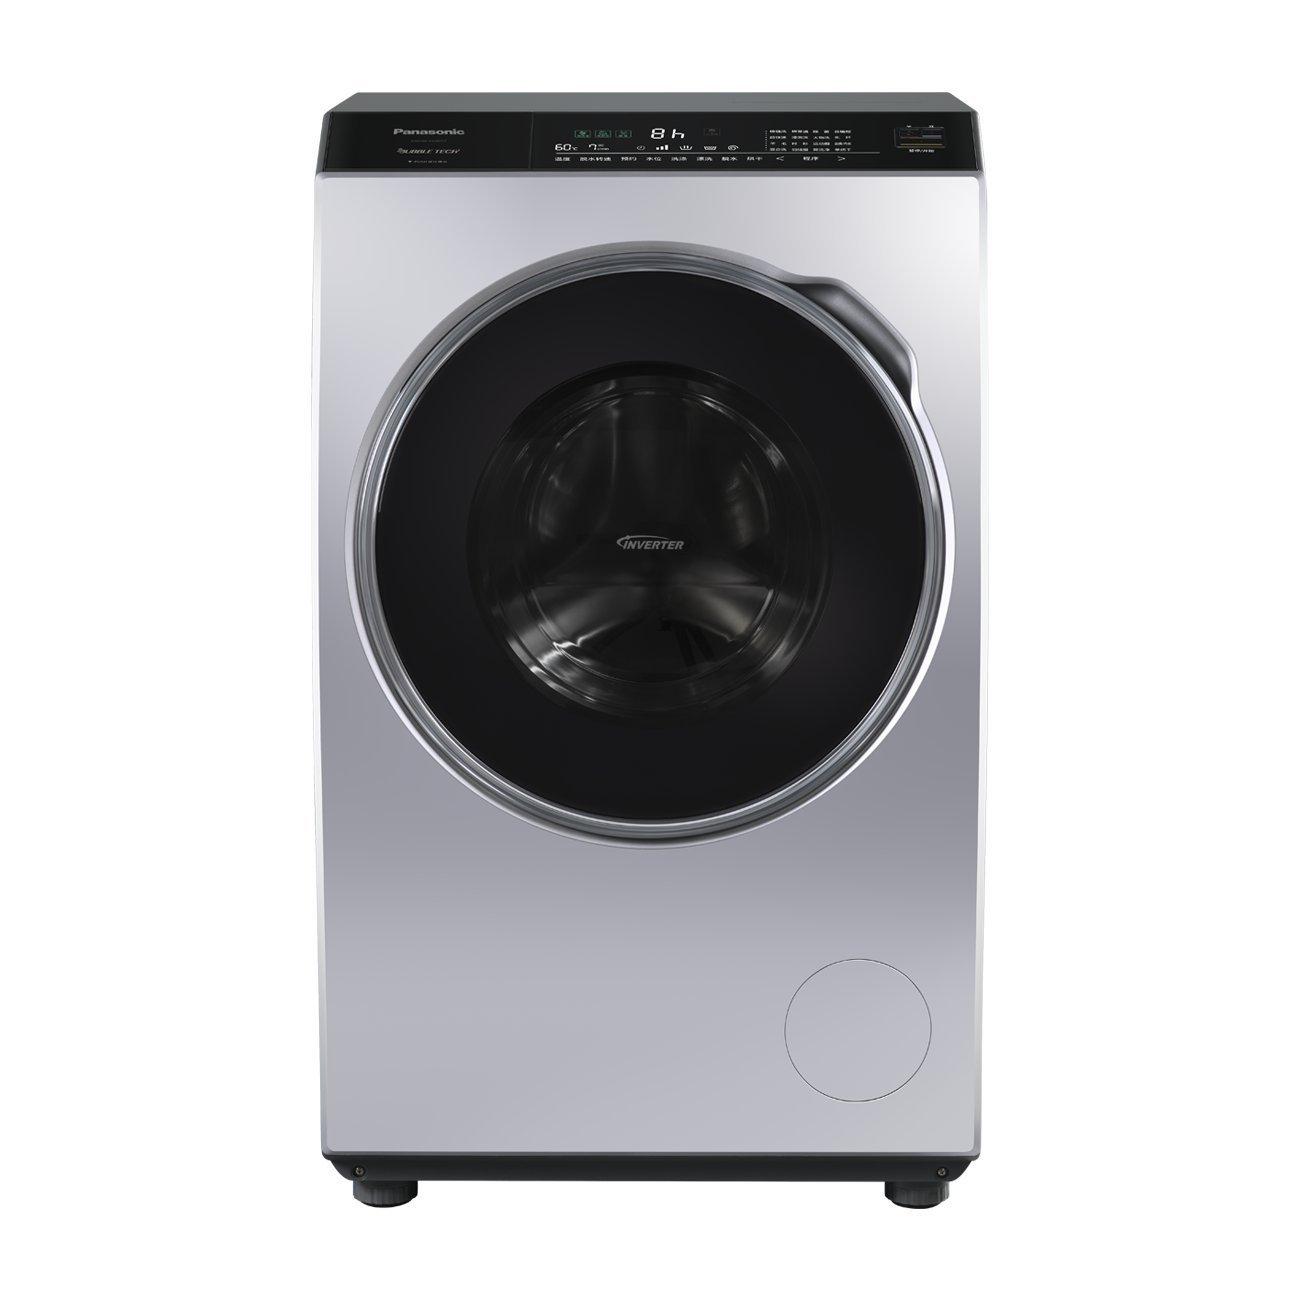 Máy giặt Panasonic Panasonic 8kg tự động hoàn toàn trống máy giặt công suất lớn thay đổi tần số XQG8